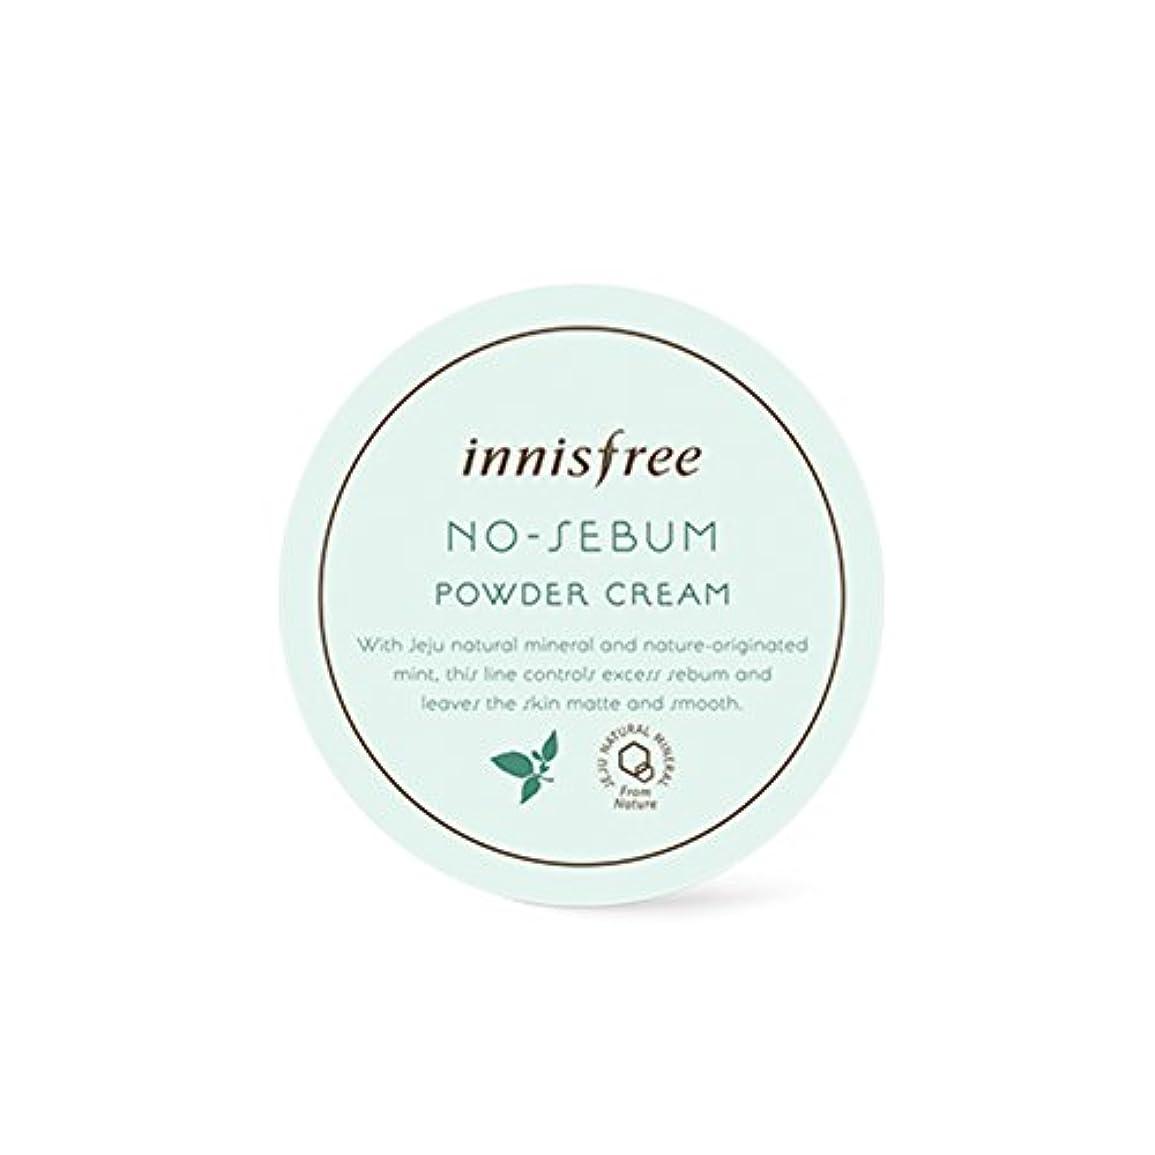 リファイン壁紙持っているイニスフリー[ Innisfree ]ノー皮脂パウダークリーム25g、油性スキンケア、オイルコントロール用[No-Sebum Powder Cream 25g, for Oily Skin Care, Oil Control...